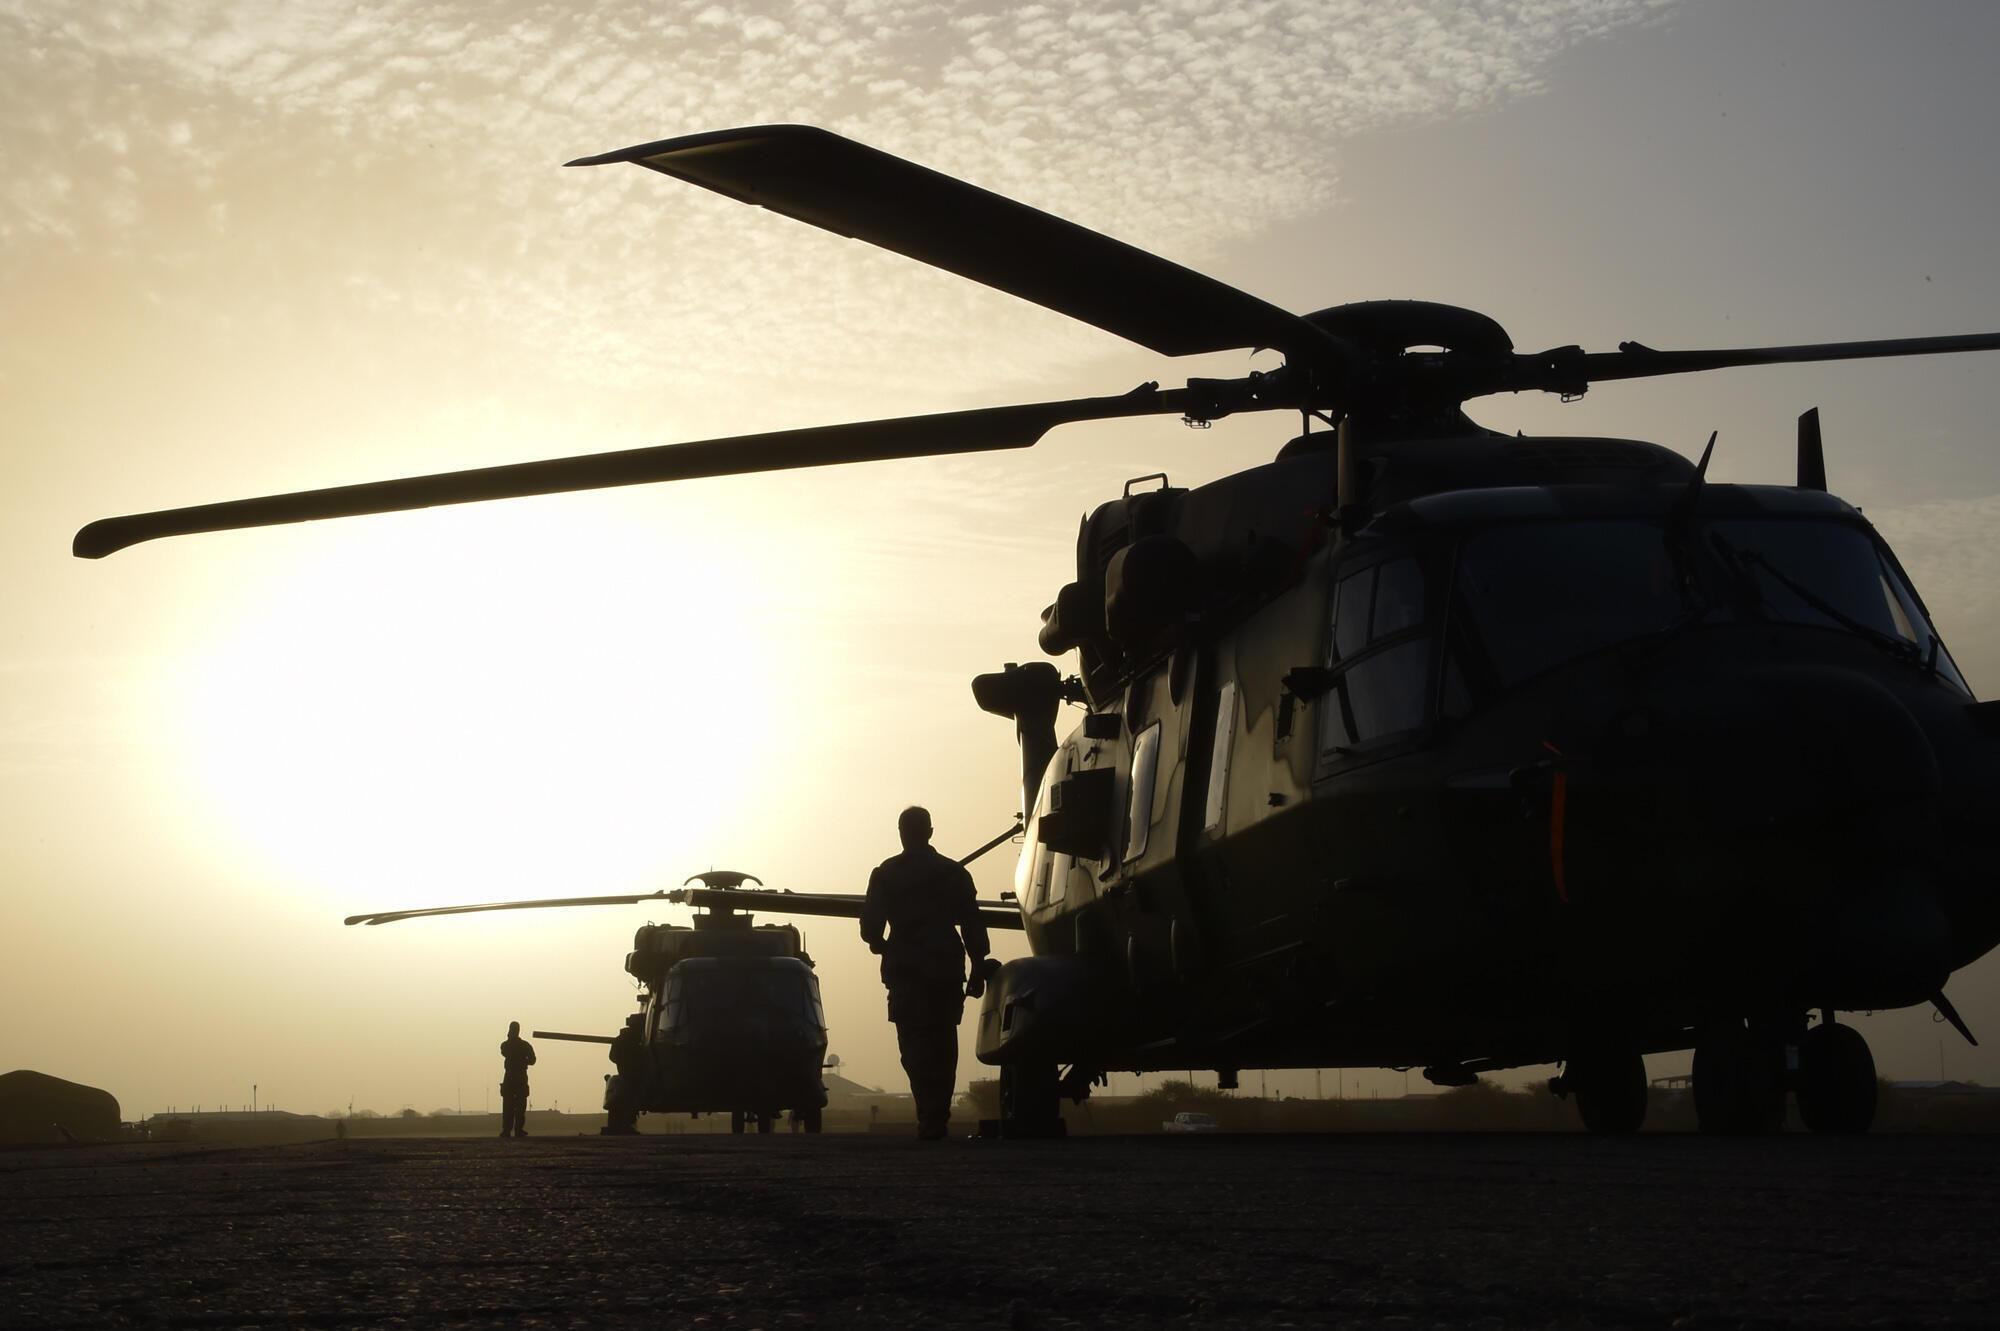 Des hélicoptères de l'armée française photographiés en janvier 2015 à Goa, au Mali.